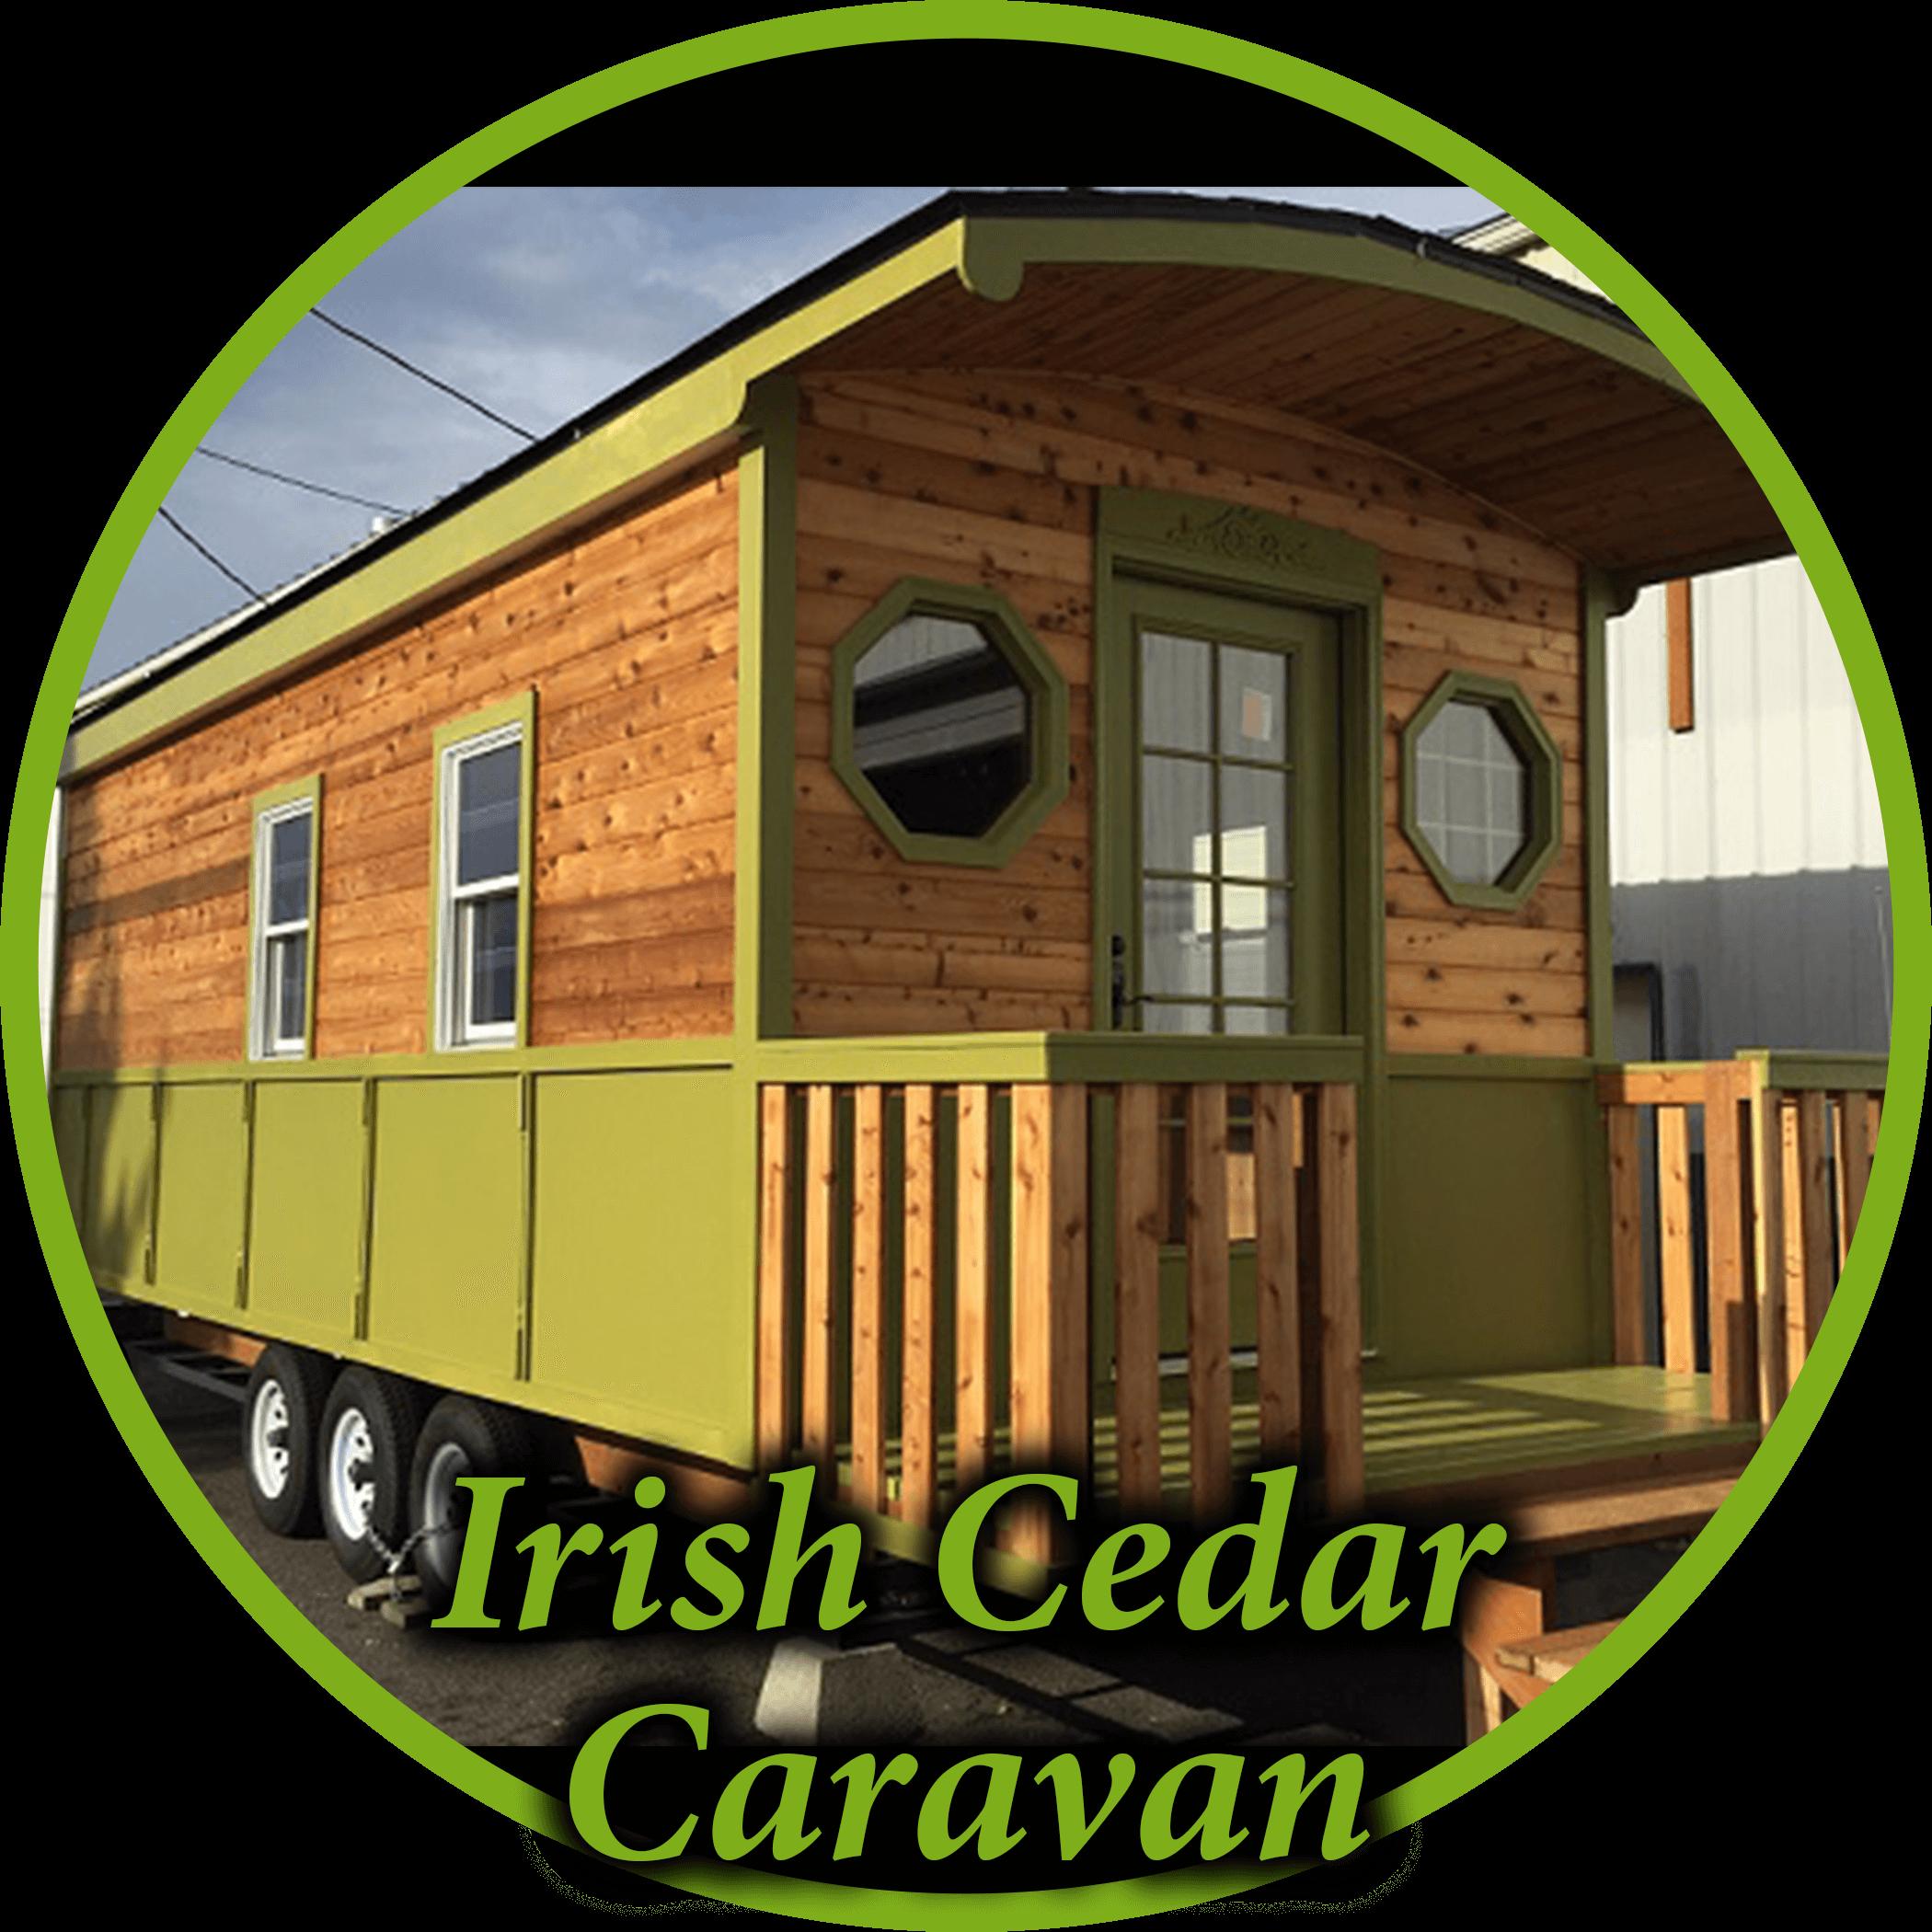 irish cedar caravan circle (optimized).png